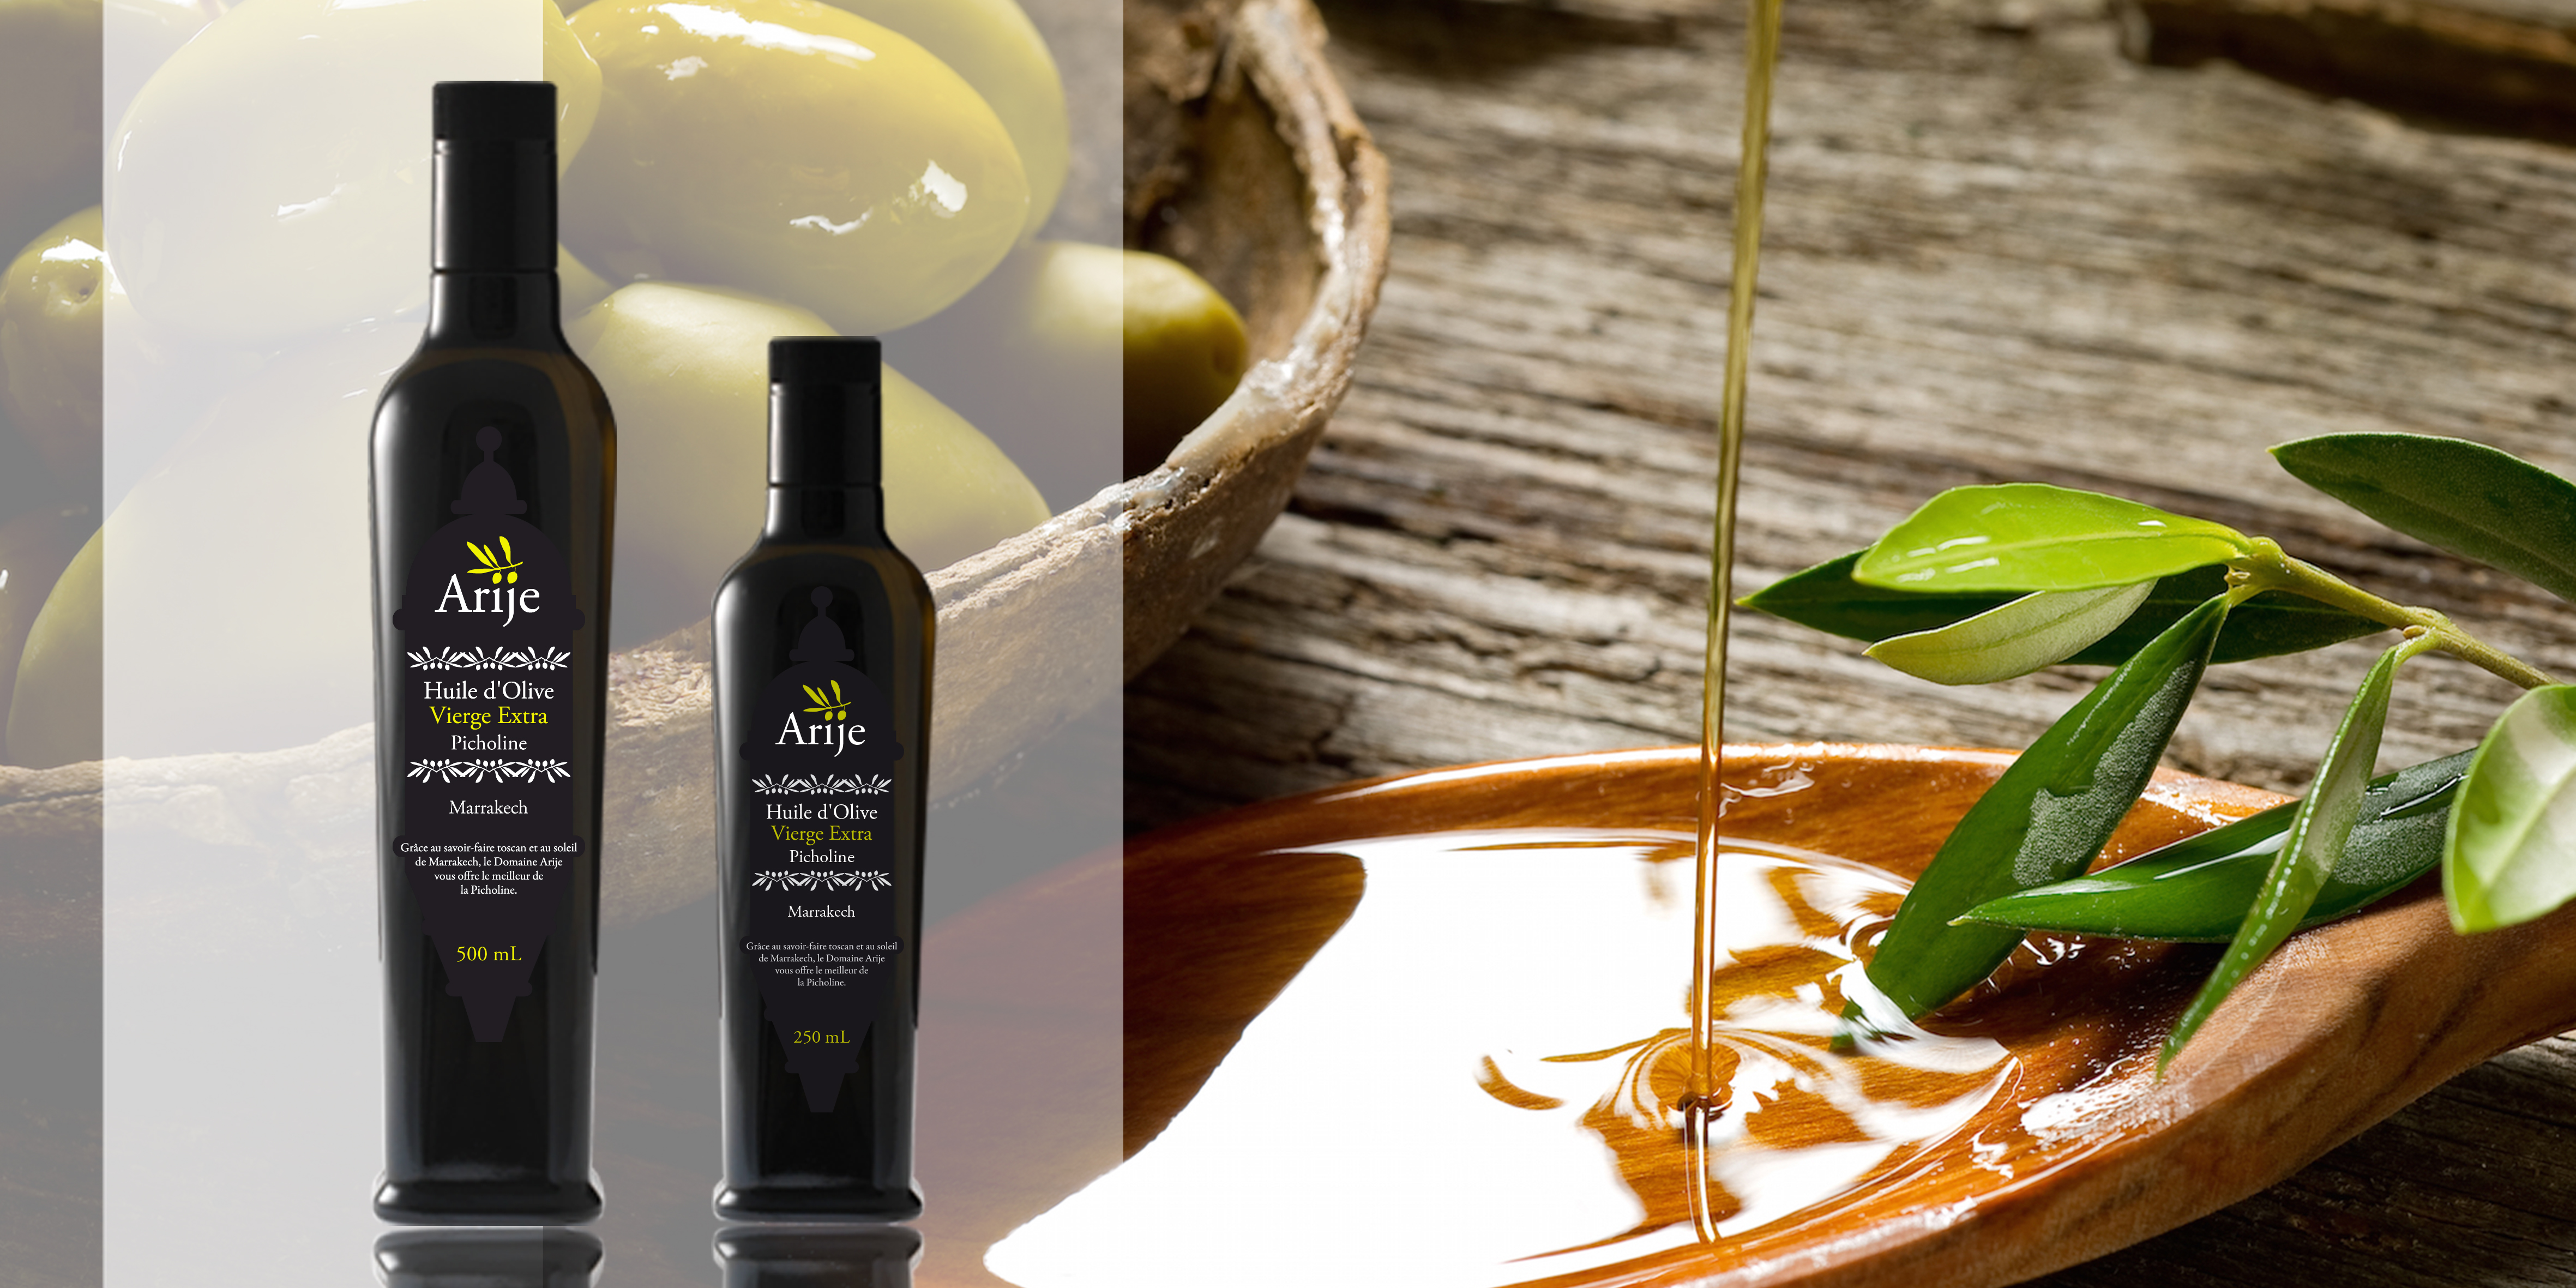 Le Domaine produit quatre types d'huile d'olive extra vierge disponibles en bouteilles de 500 et 250mL The estate produces four types of extra virgin olive oil available in 500 and 250mL bottles